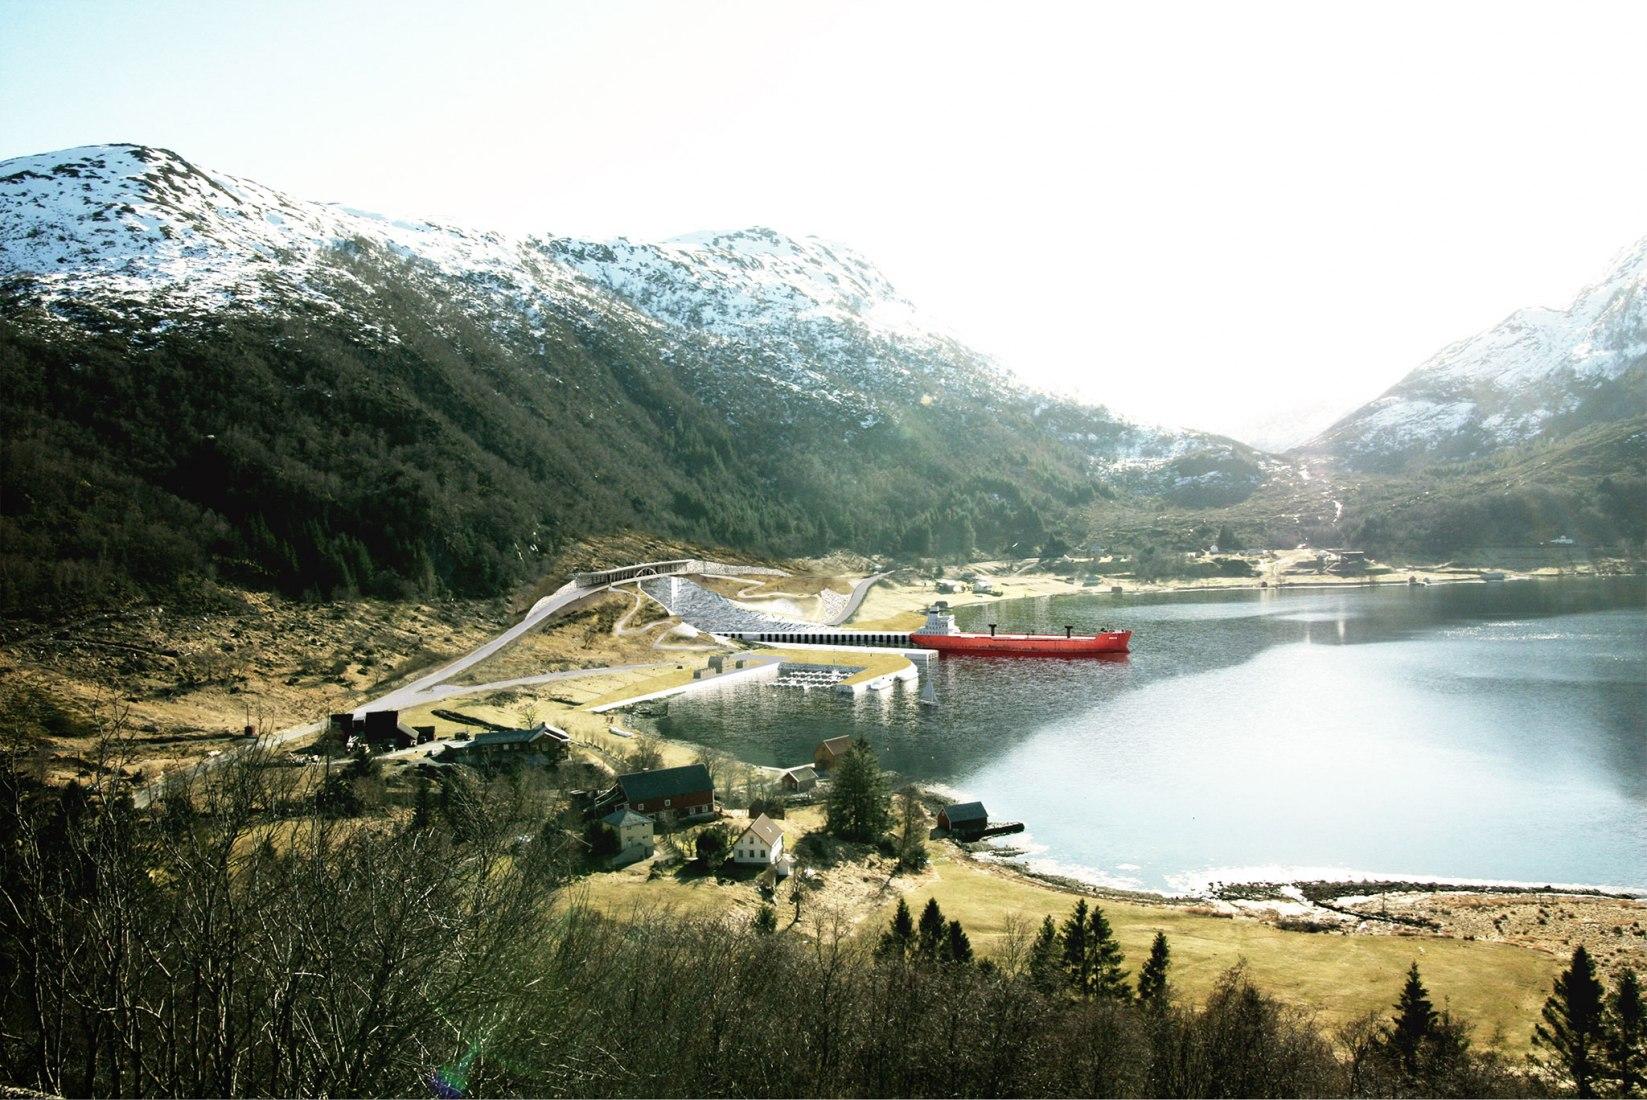 Imagen cortesía de la Administración Costera Noruega/Snøhetta